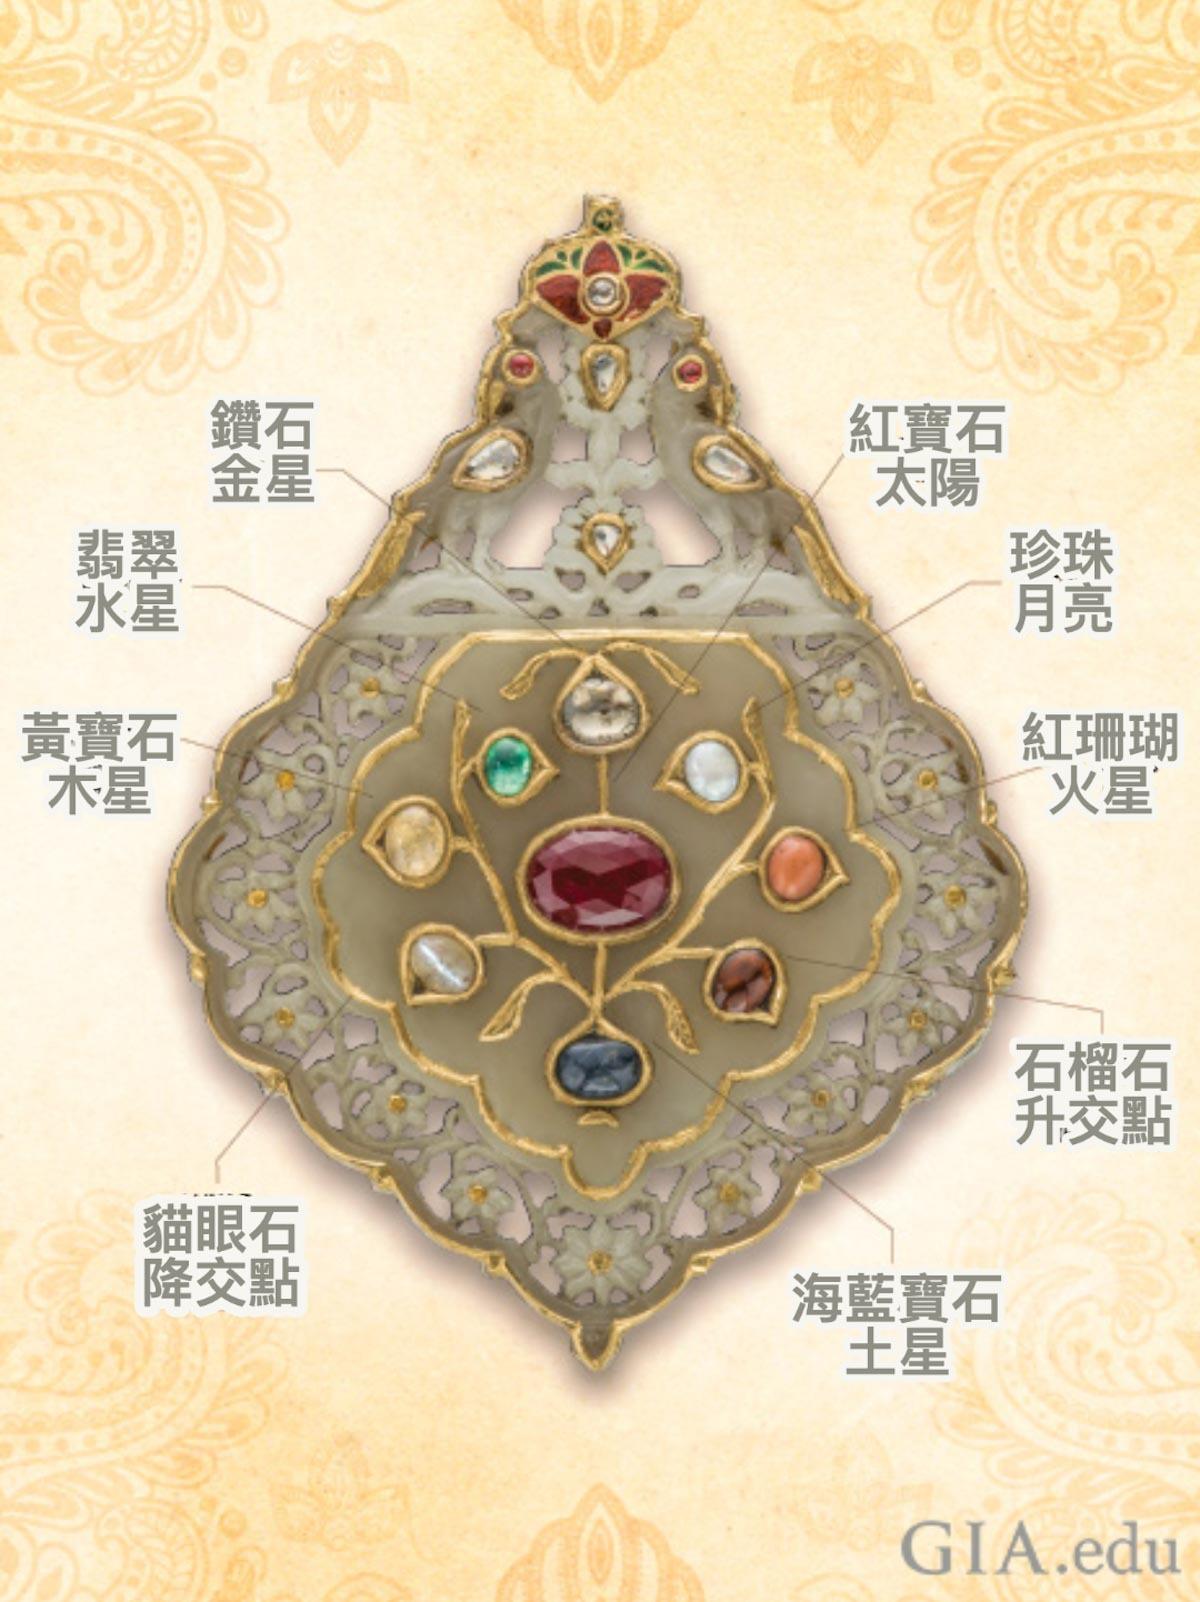 這塊19世紀的黃金玉墜上頭鑲嵌了9顆寶石,分別可對應到太陽系行星與月亮運行軌道交界點